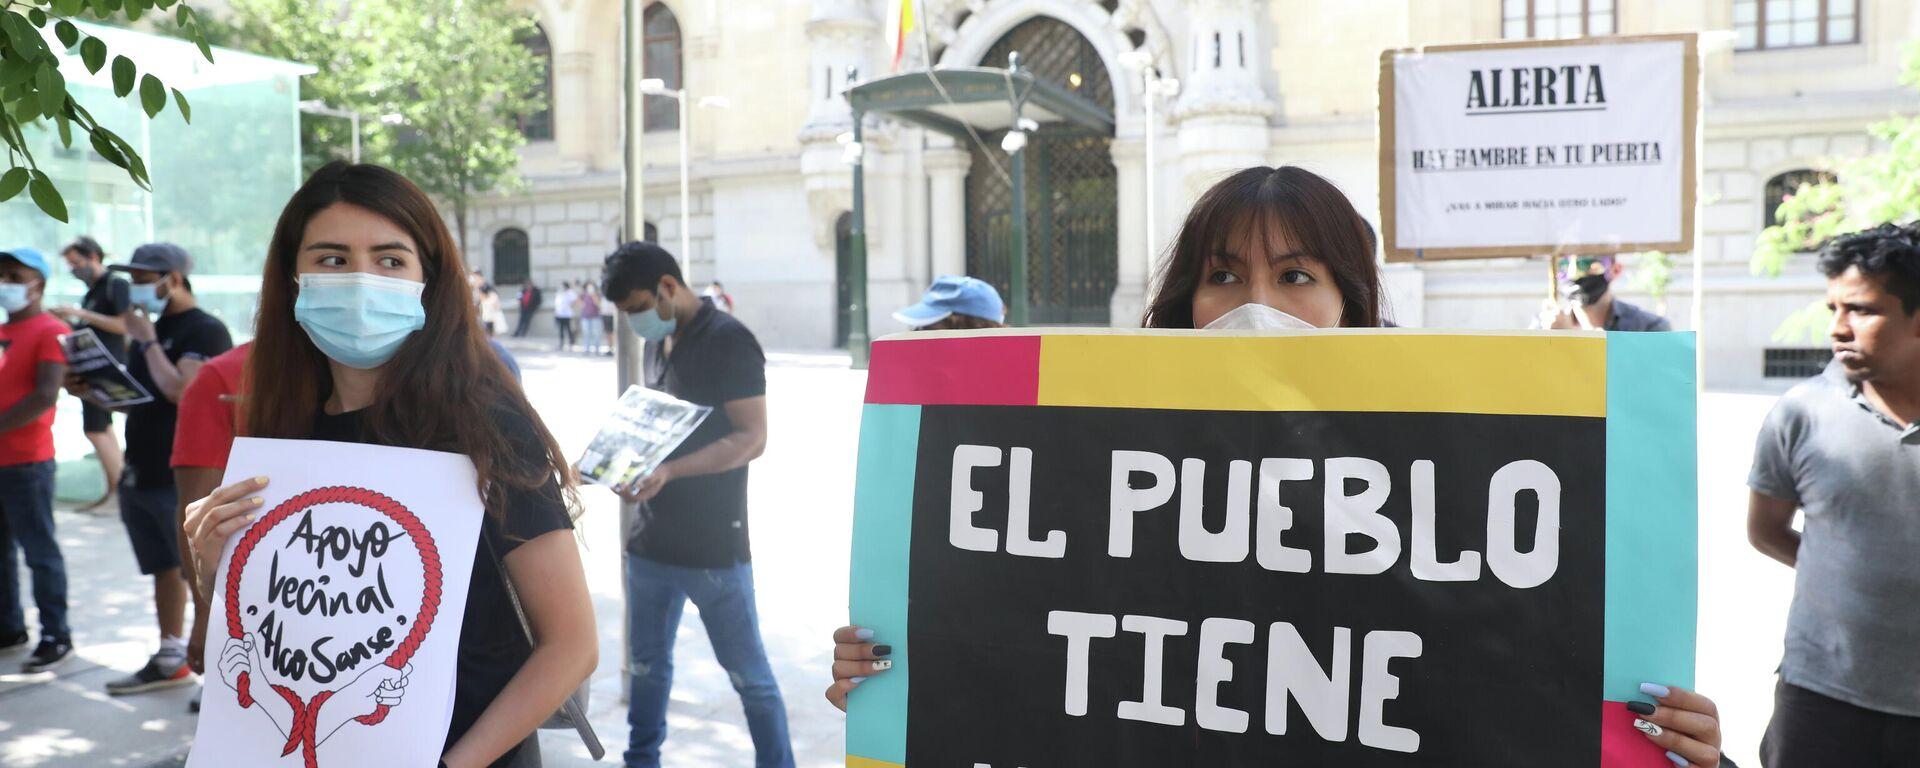 Manifestación frente al Ayuntamiento de Madrid. 9 de julio de 2020 - Sputnik Mundo, 1920, 29.04.2021